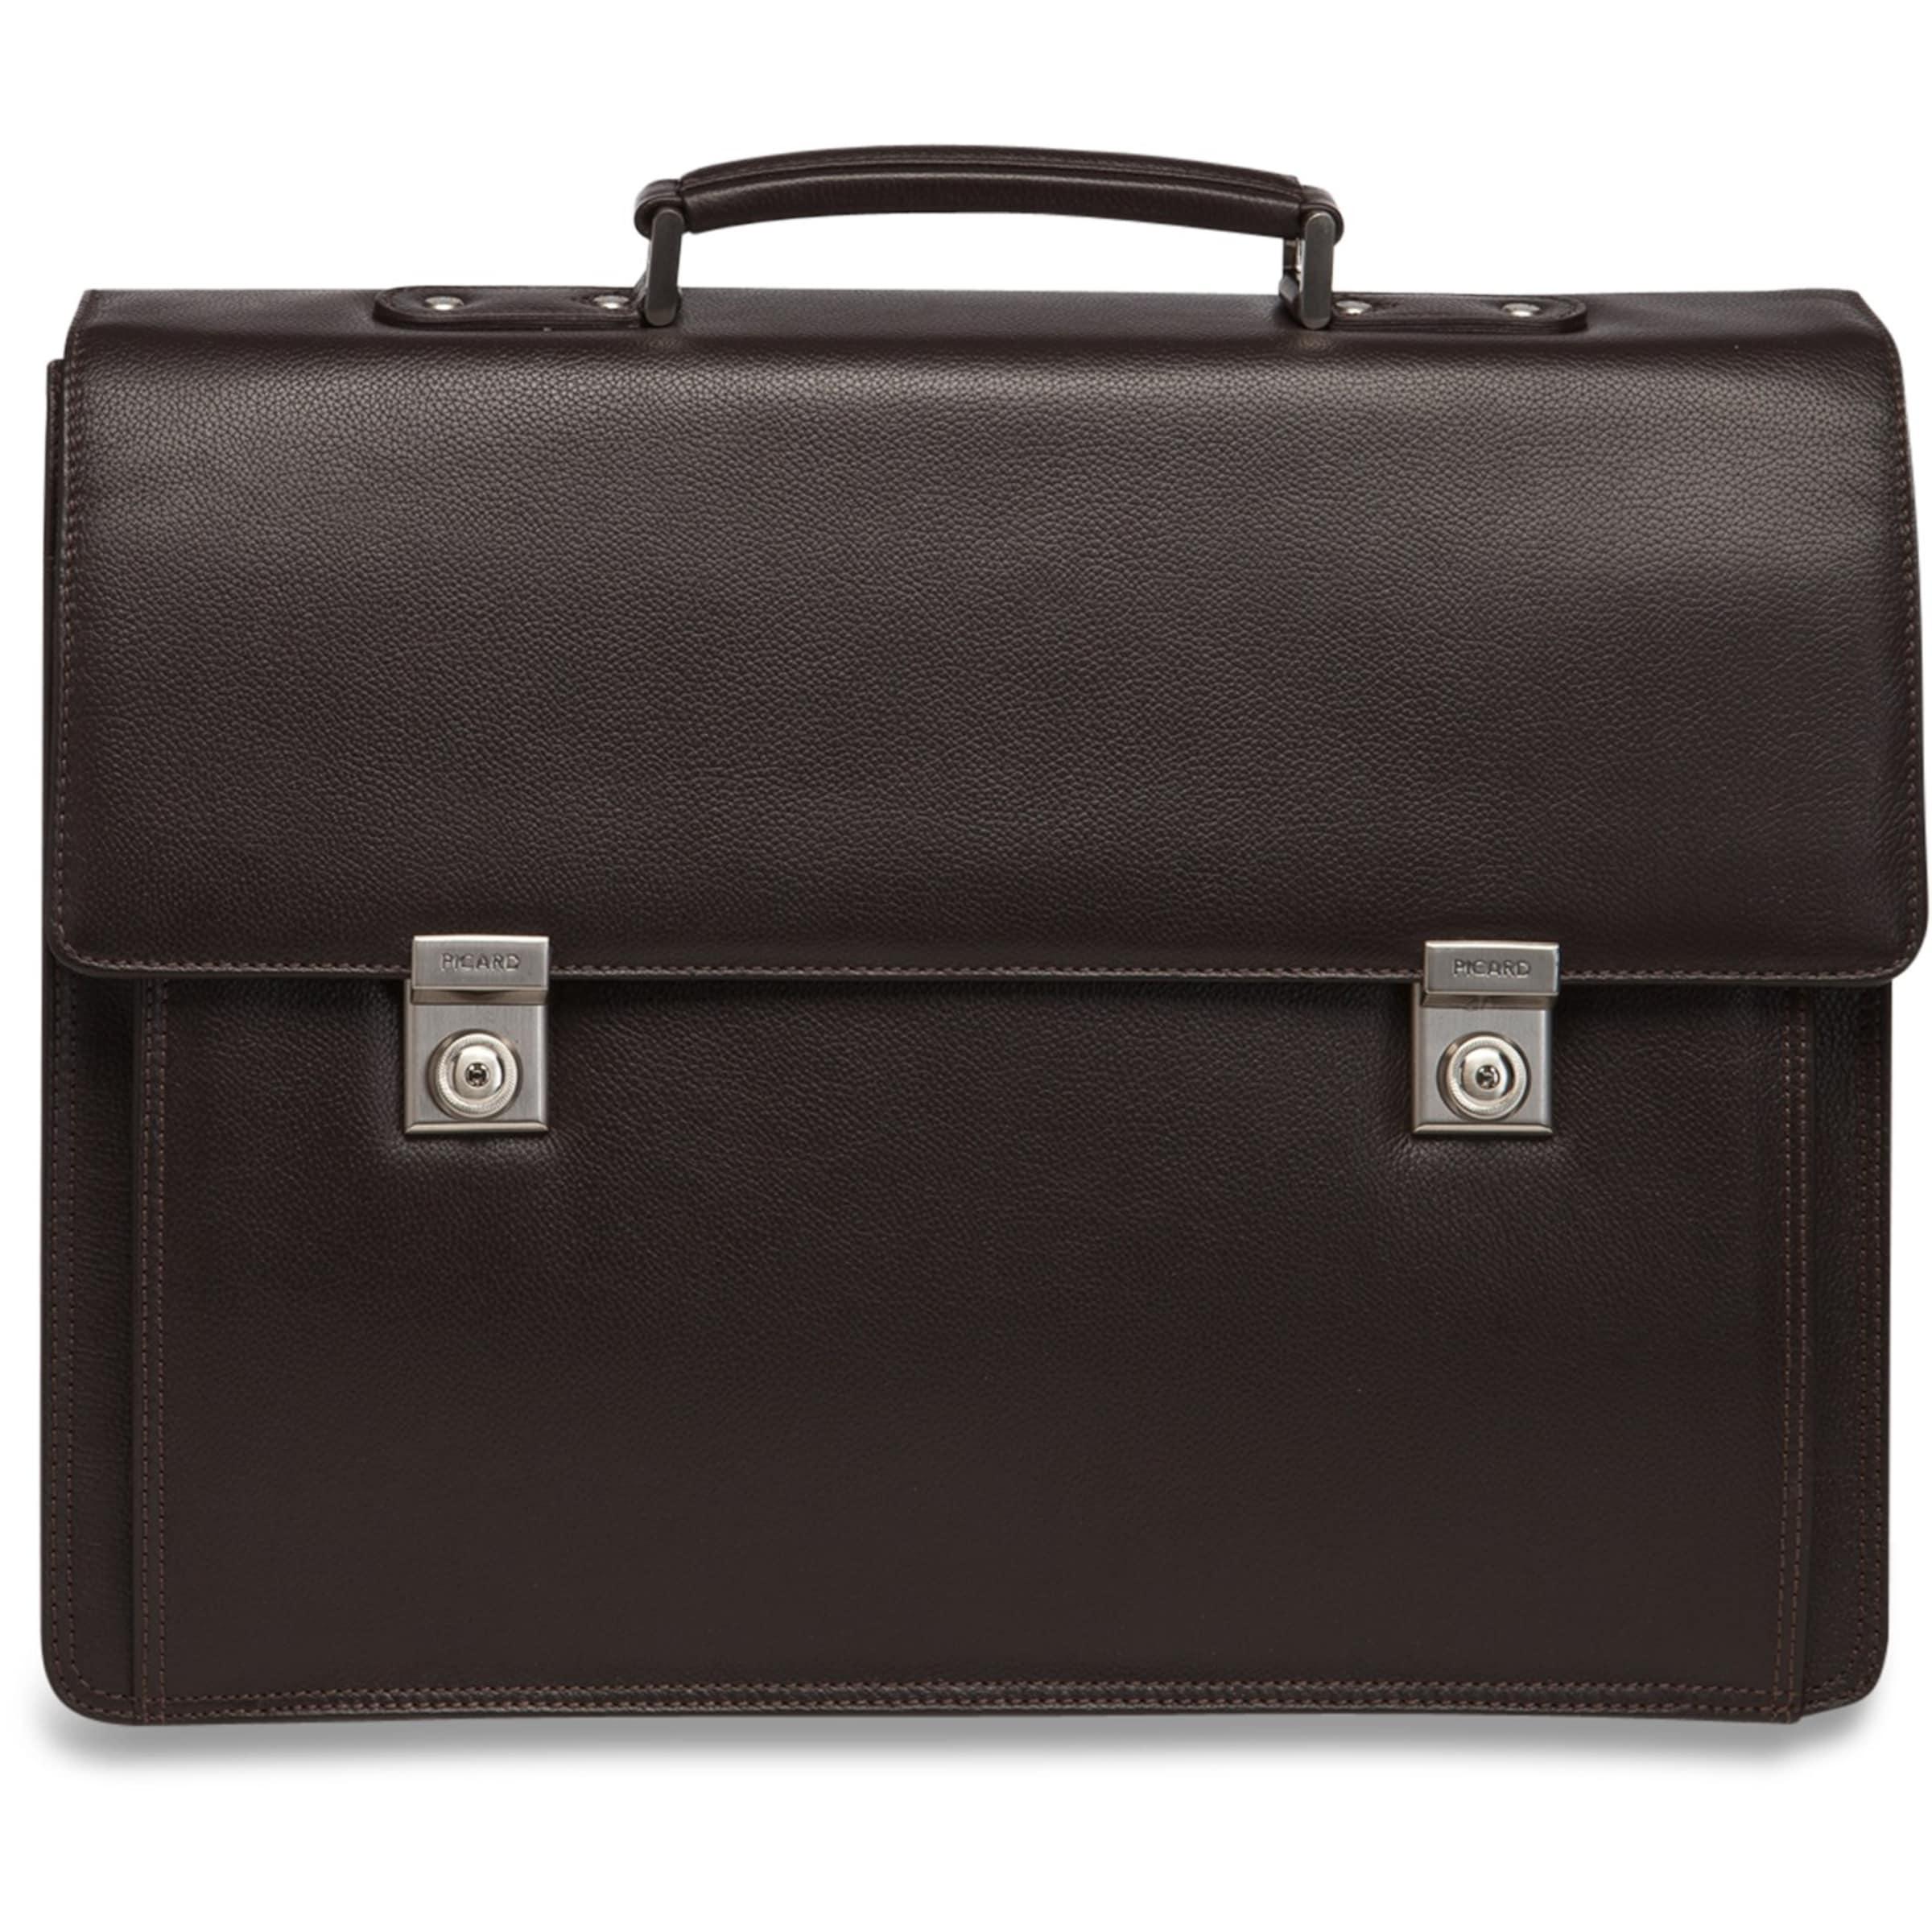 Picard Aberdeen Aktentasche Leder 42 cm Laptopfach Online-Verkauf Günstig Kaufen Outlet Zum Verkauf Günstigen Preis Gute Qualität Rabatt Original oLeAj1